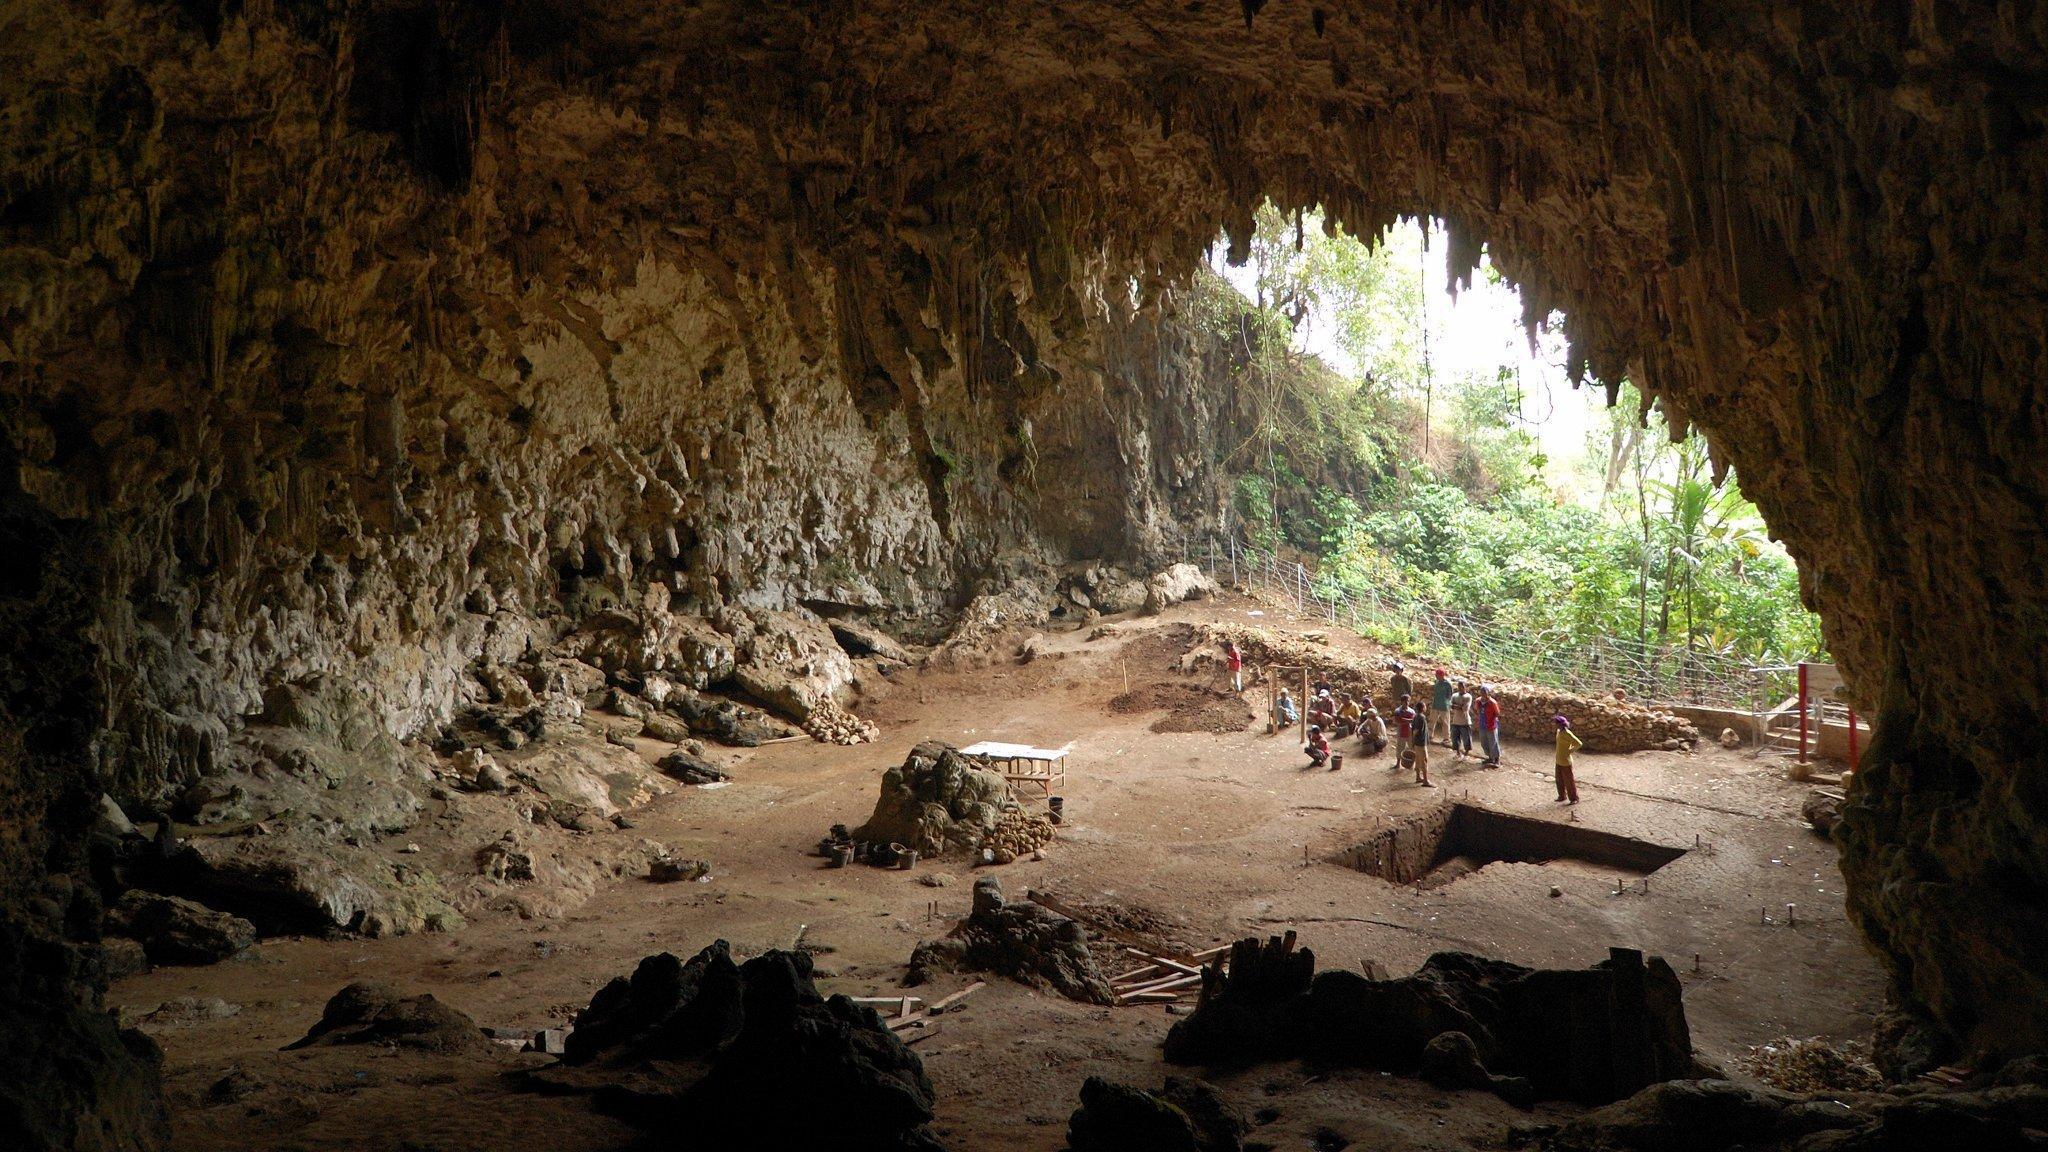 Das Bild zeigt das runde Gewölbe und den braunen Boden im Inneren der Höhle von Lian Bua auf der indonesischen Insel Flores. Dort sieht man als kleine Figuren Forscher, die nach Relikten von Urmenschen graben. Im Jahr 2003entdeckten sie die Knochen eines rätselhaften, sehr kleinen Urmenschen, der den wissenschaftlichen Namen Homo floresiensis erhielt und wegen seiner zwergenhaften Größe auch Hobbit genannt wird. Hinter den Forschern öffnet sich der Blick nach außen, wo im Hintergrund eine üppige Dschungellandschaft zu sehen ist, die vor der Höhle liegt.